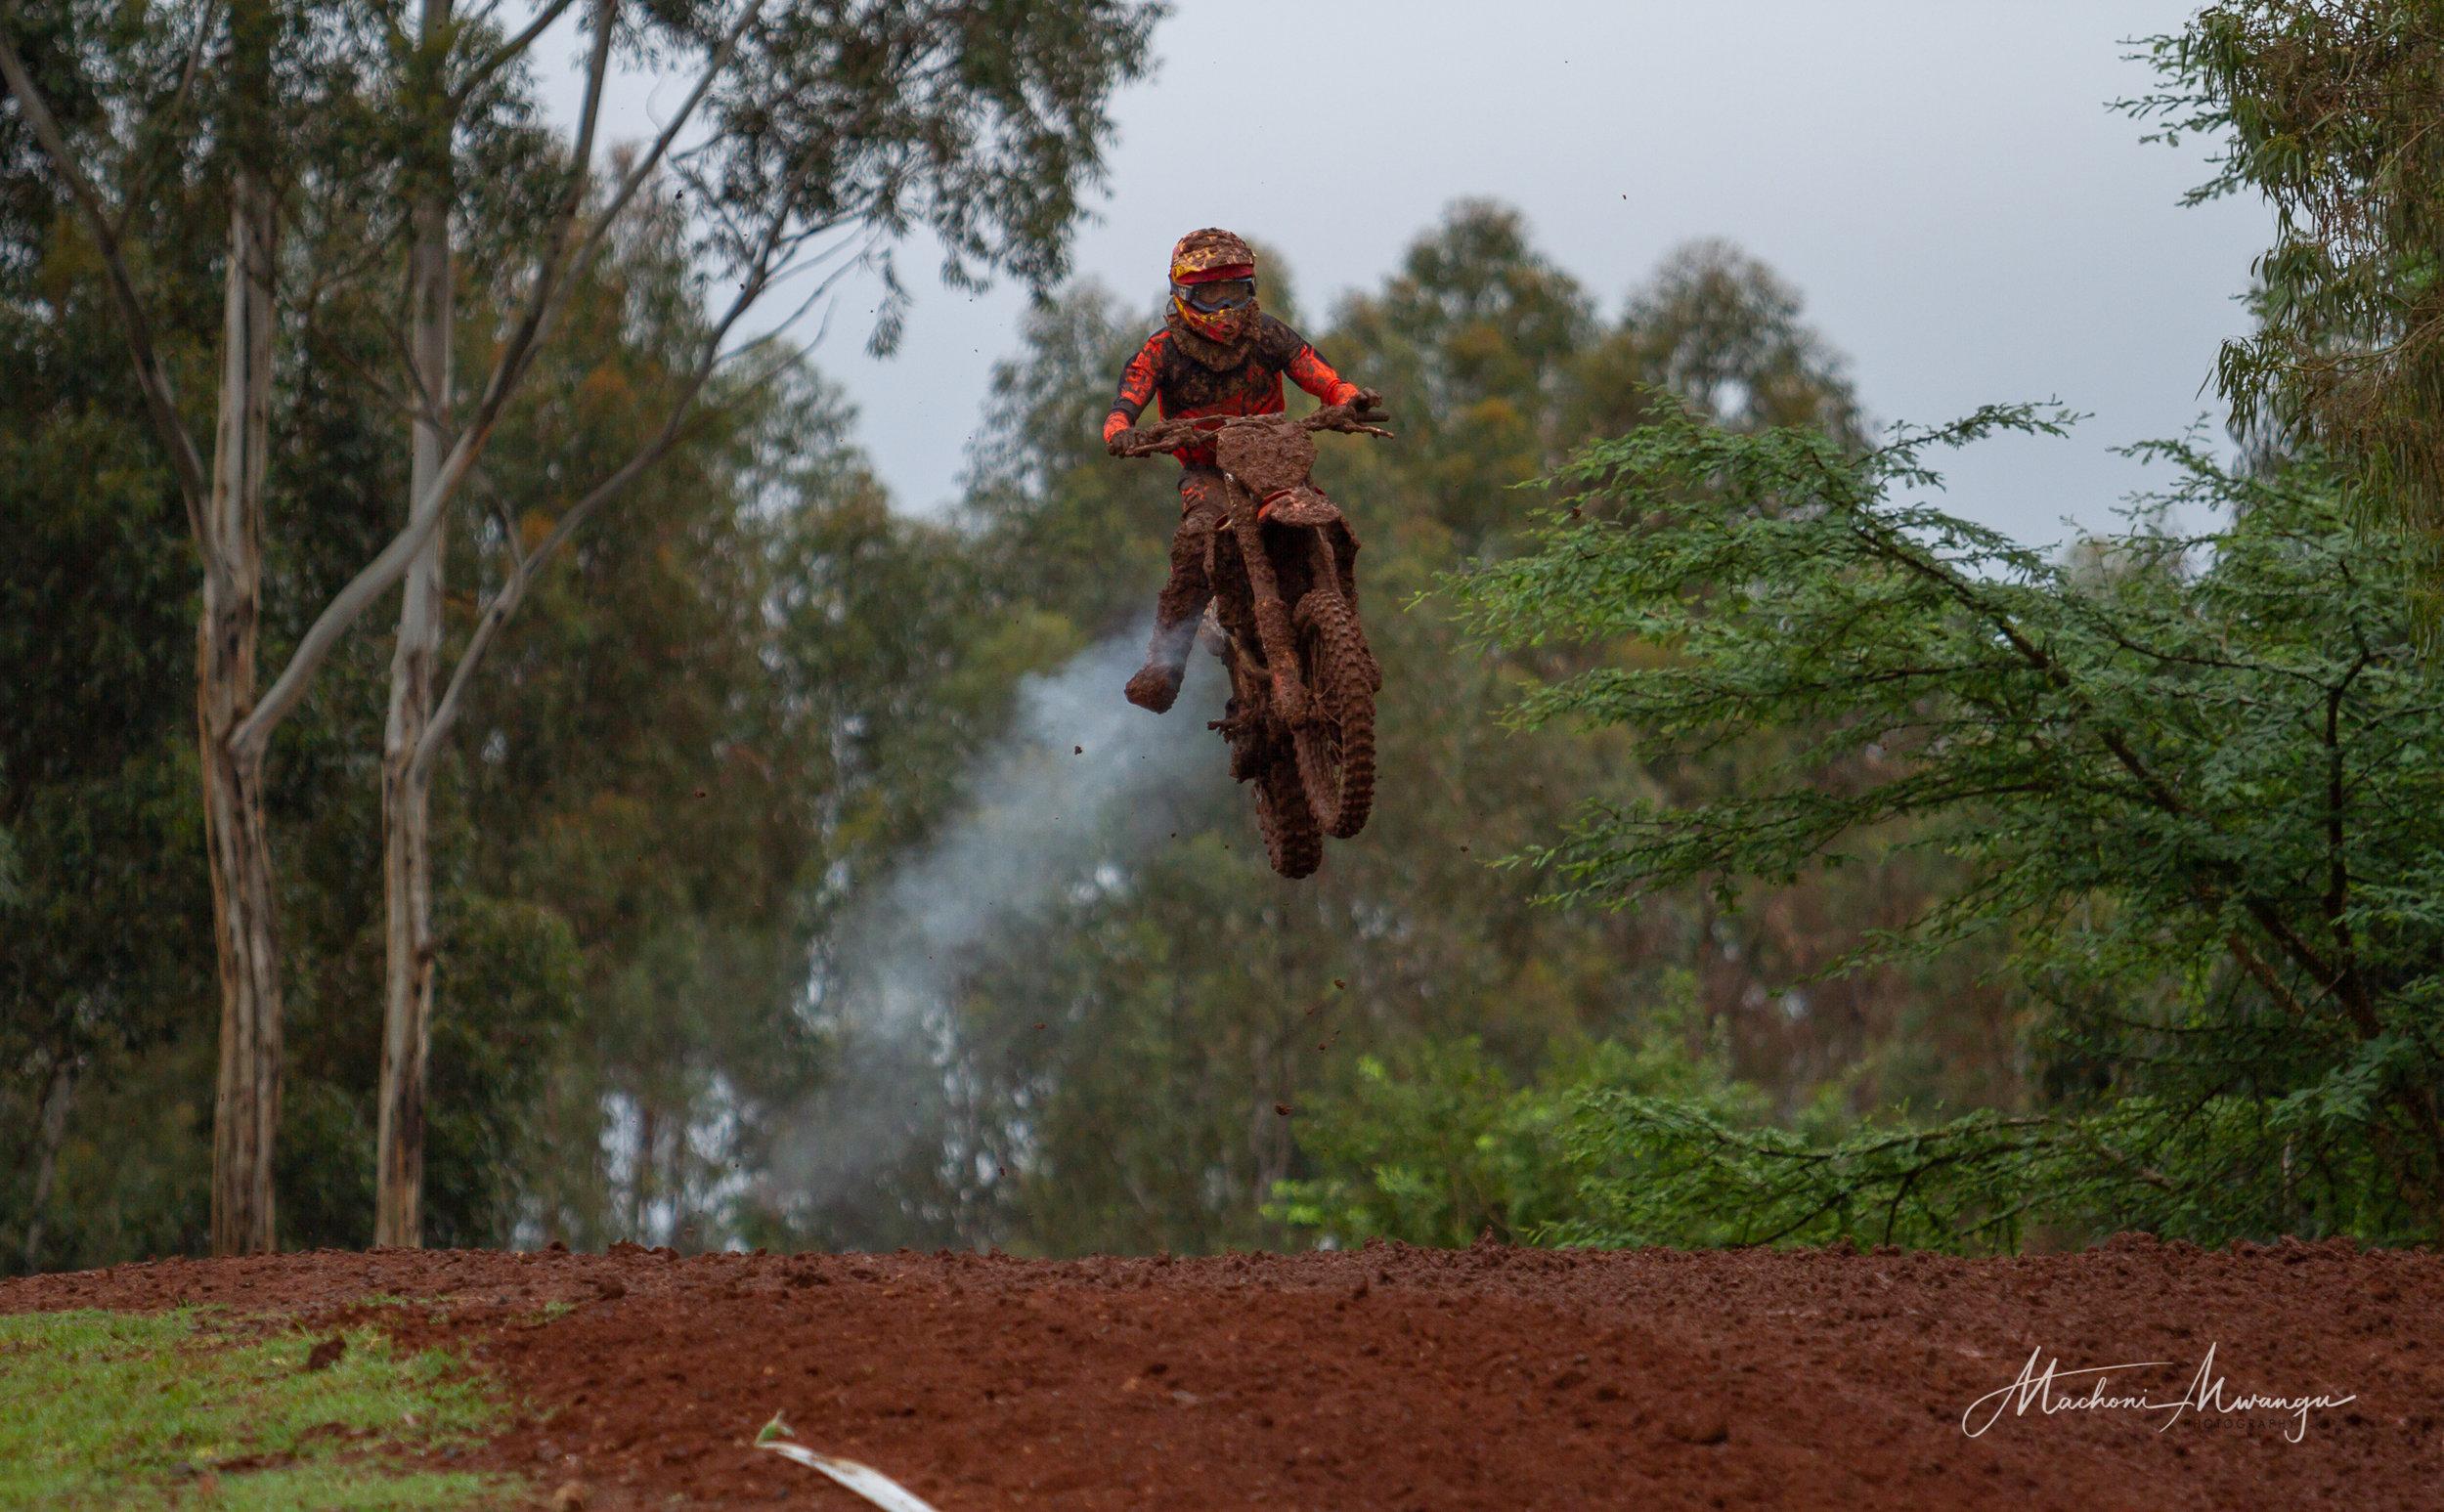 Motocross 787-1-7.jpg